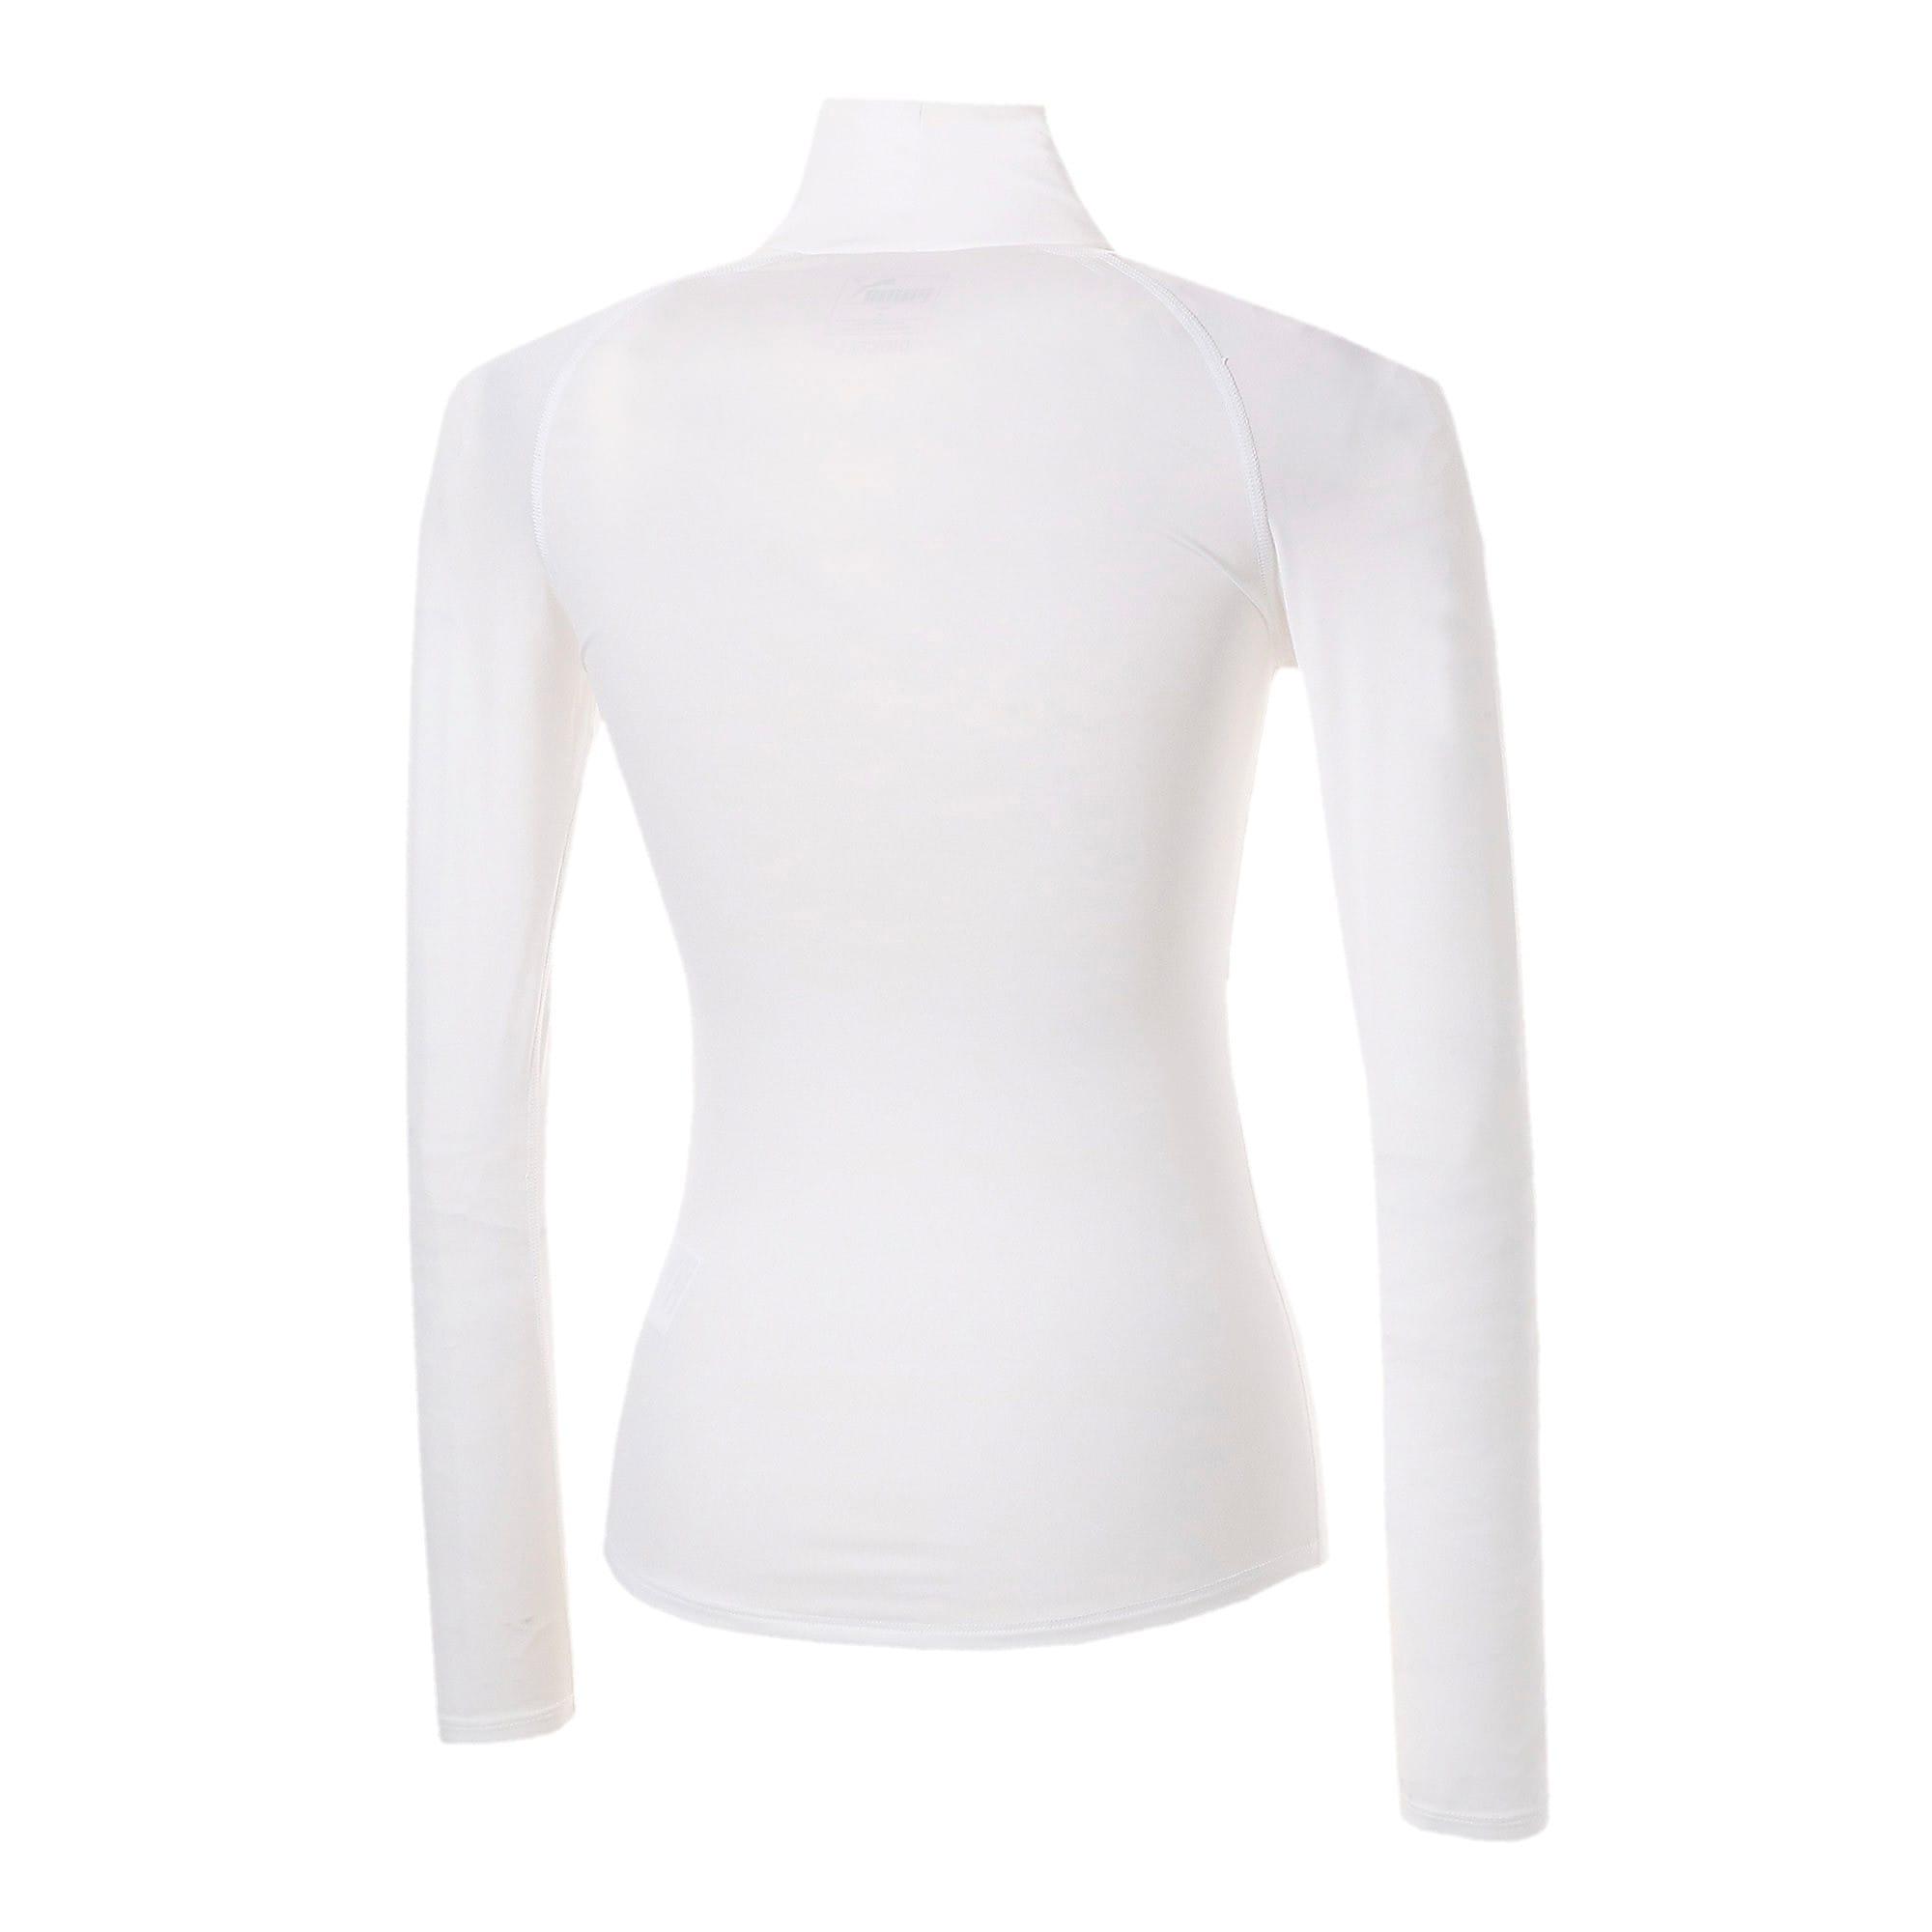 Thumbnail 3 of テック ライト LSモックネック ウィメンズ トレーニング Tシャツ 長袖, Puma White, medium-JPN